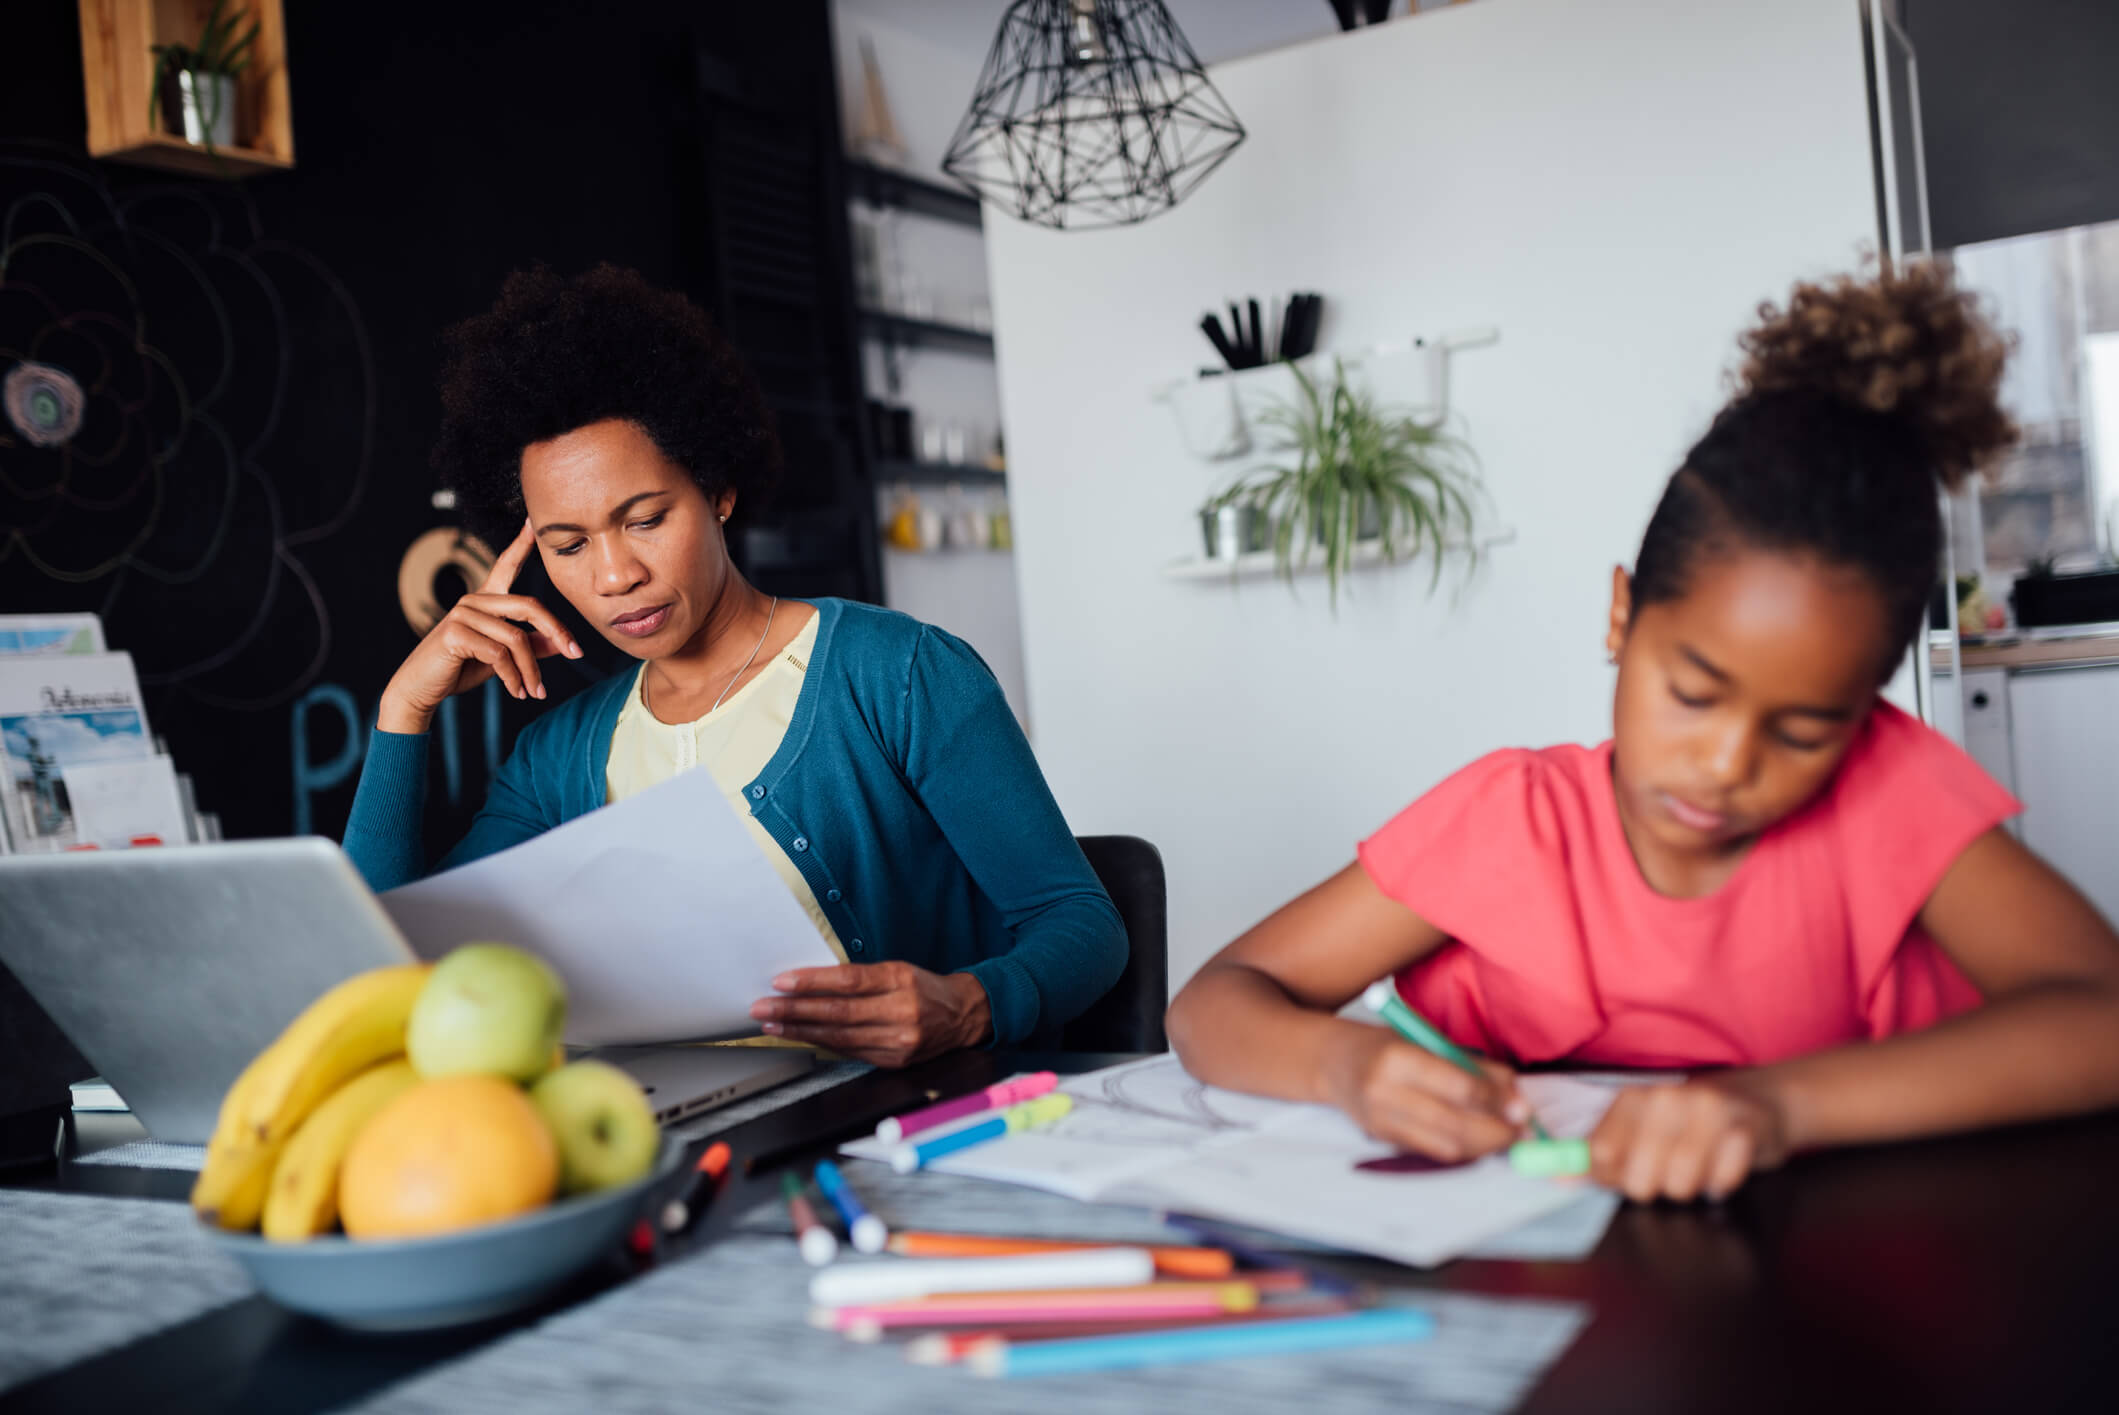 Welbevinden van leraren en docenten bij afstandsonderwijs